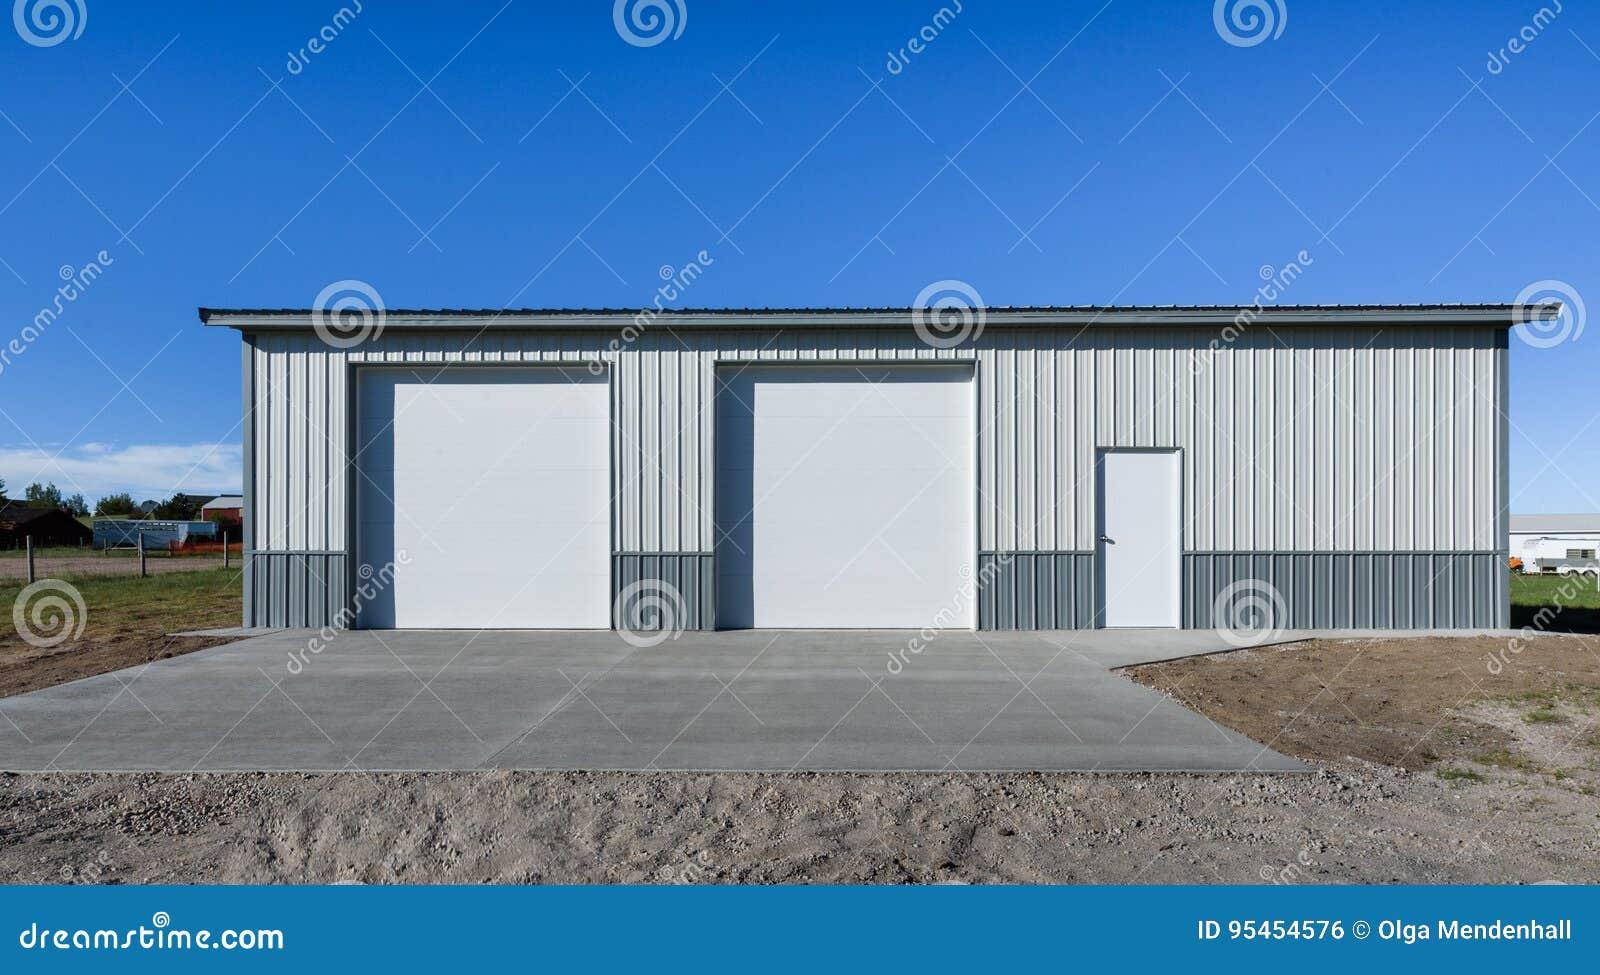 Lagre che sta esclusivamente, garage recentemente costruito nell area del sobborgo, U.S.A. Grembiule concreto, strada privata